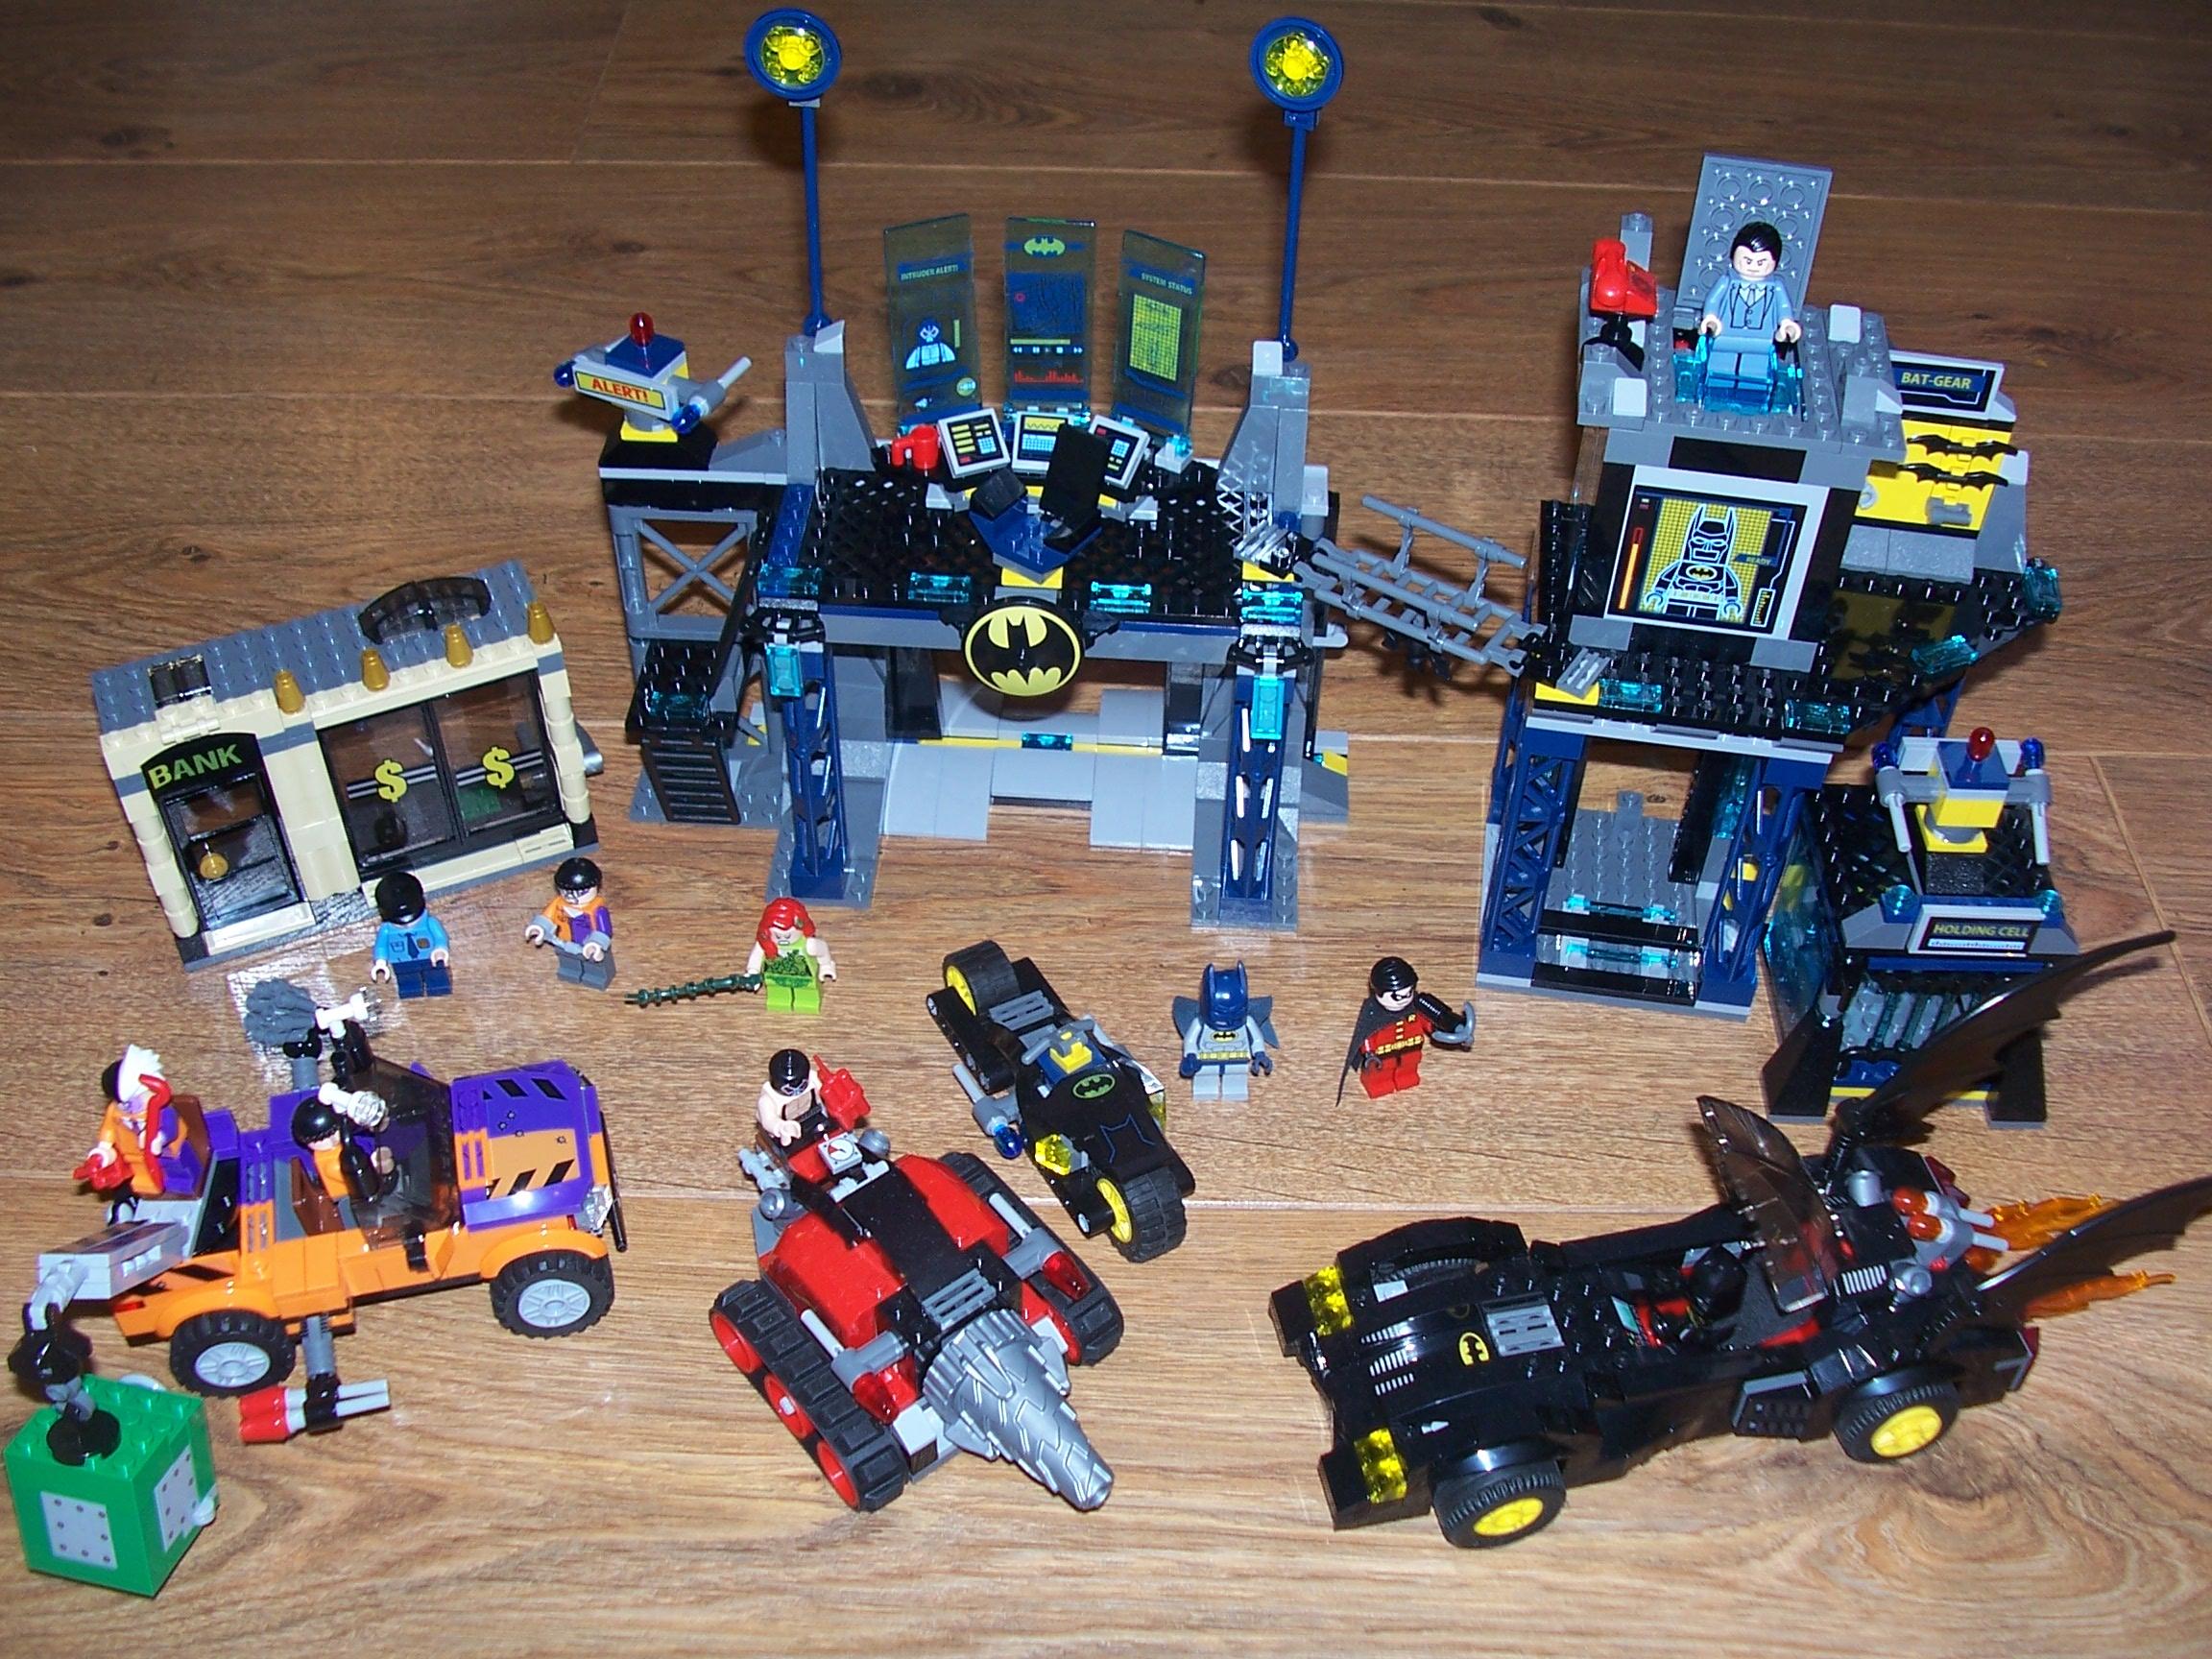 Spielzeug Rund Um Den Neuen Superhelden: LEGO: DC Universe Super Heroes